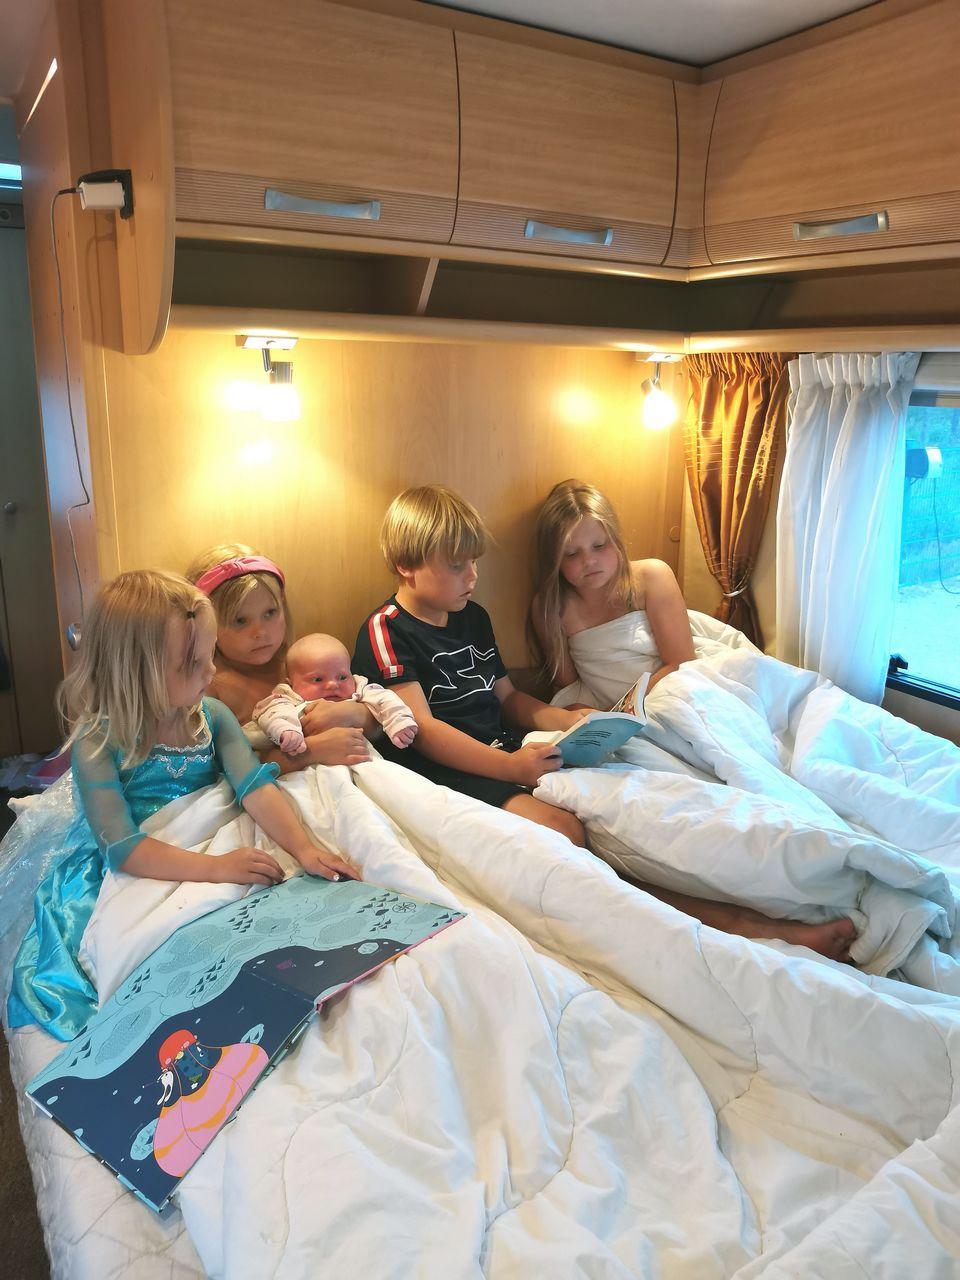 Lapset asuntovaunun sängyssä lukemassa kirjaa.